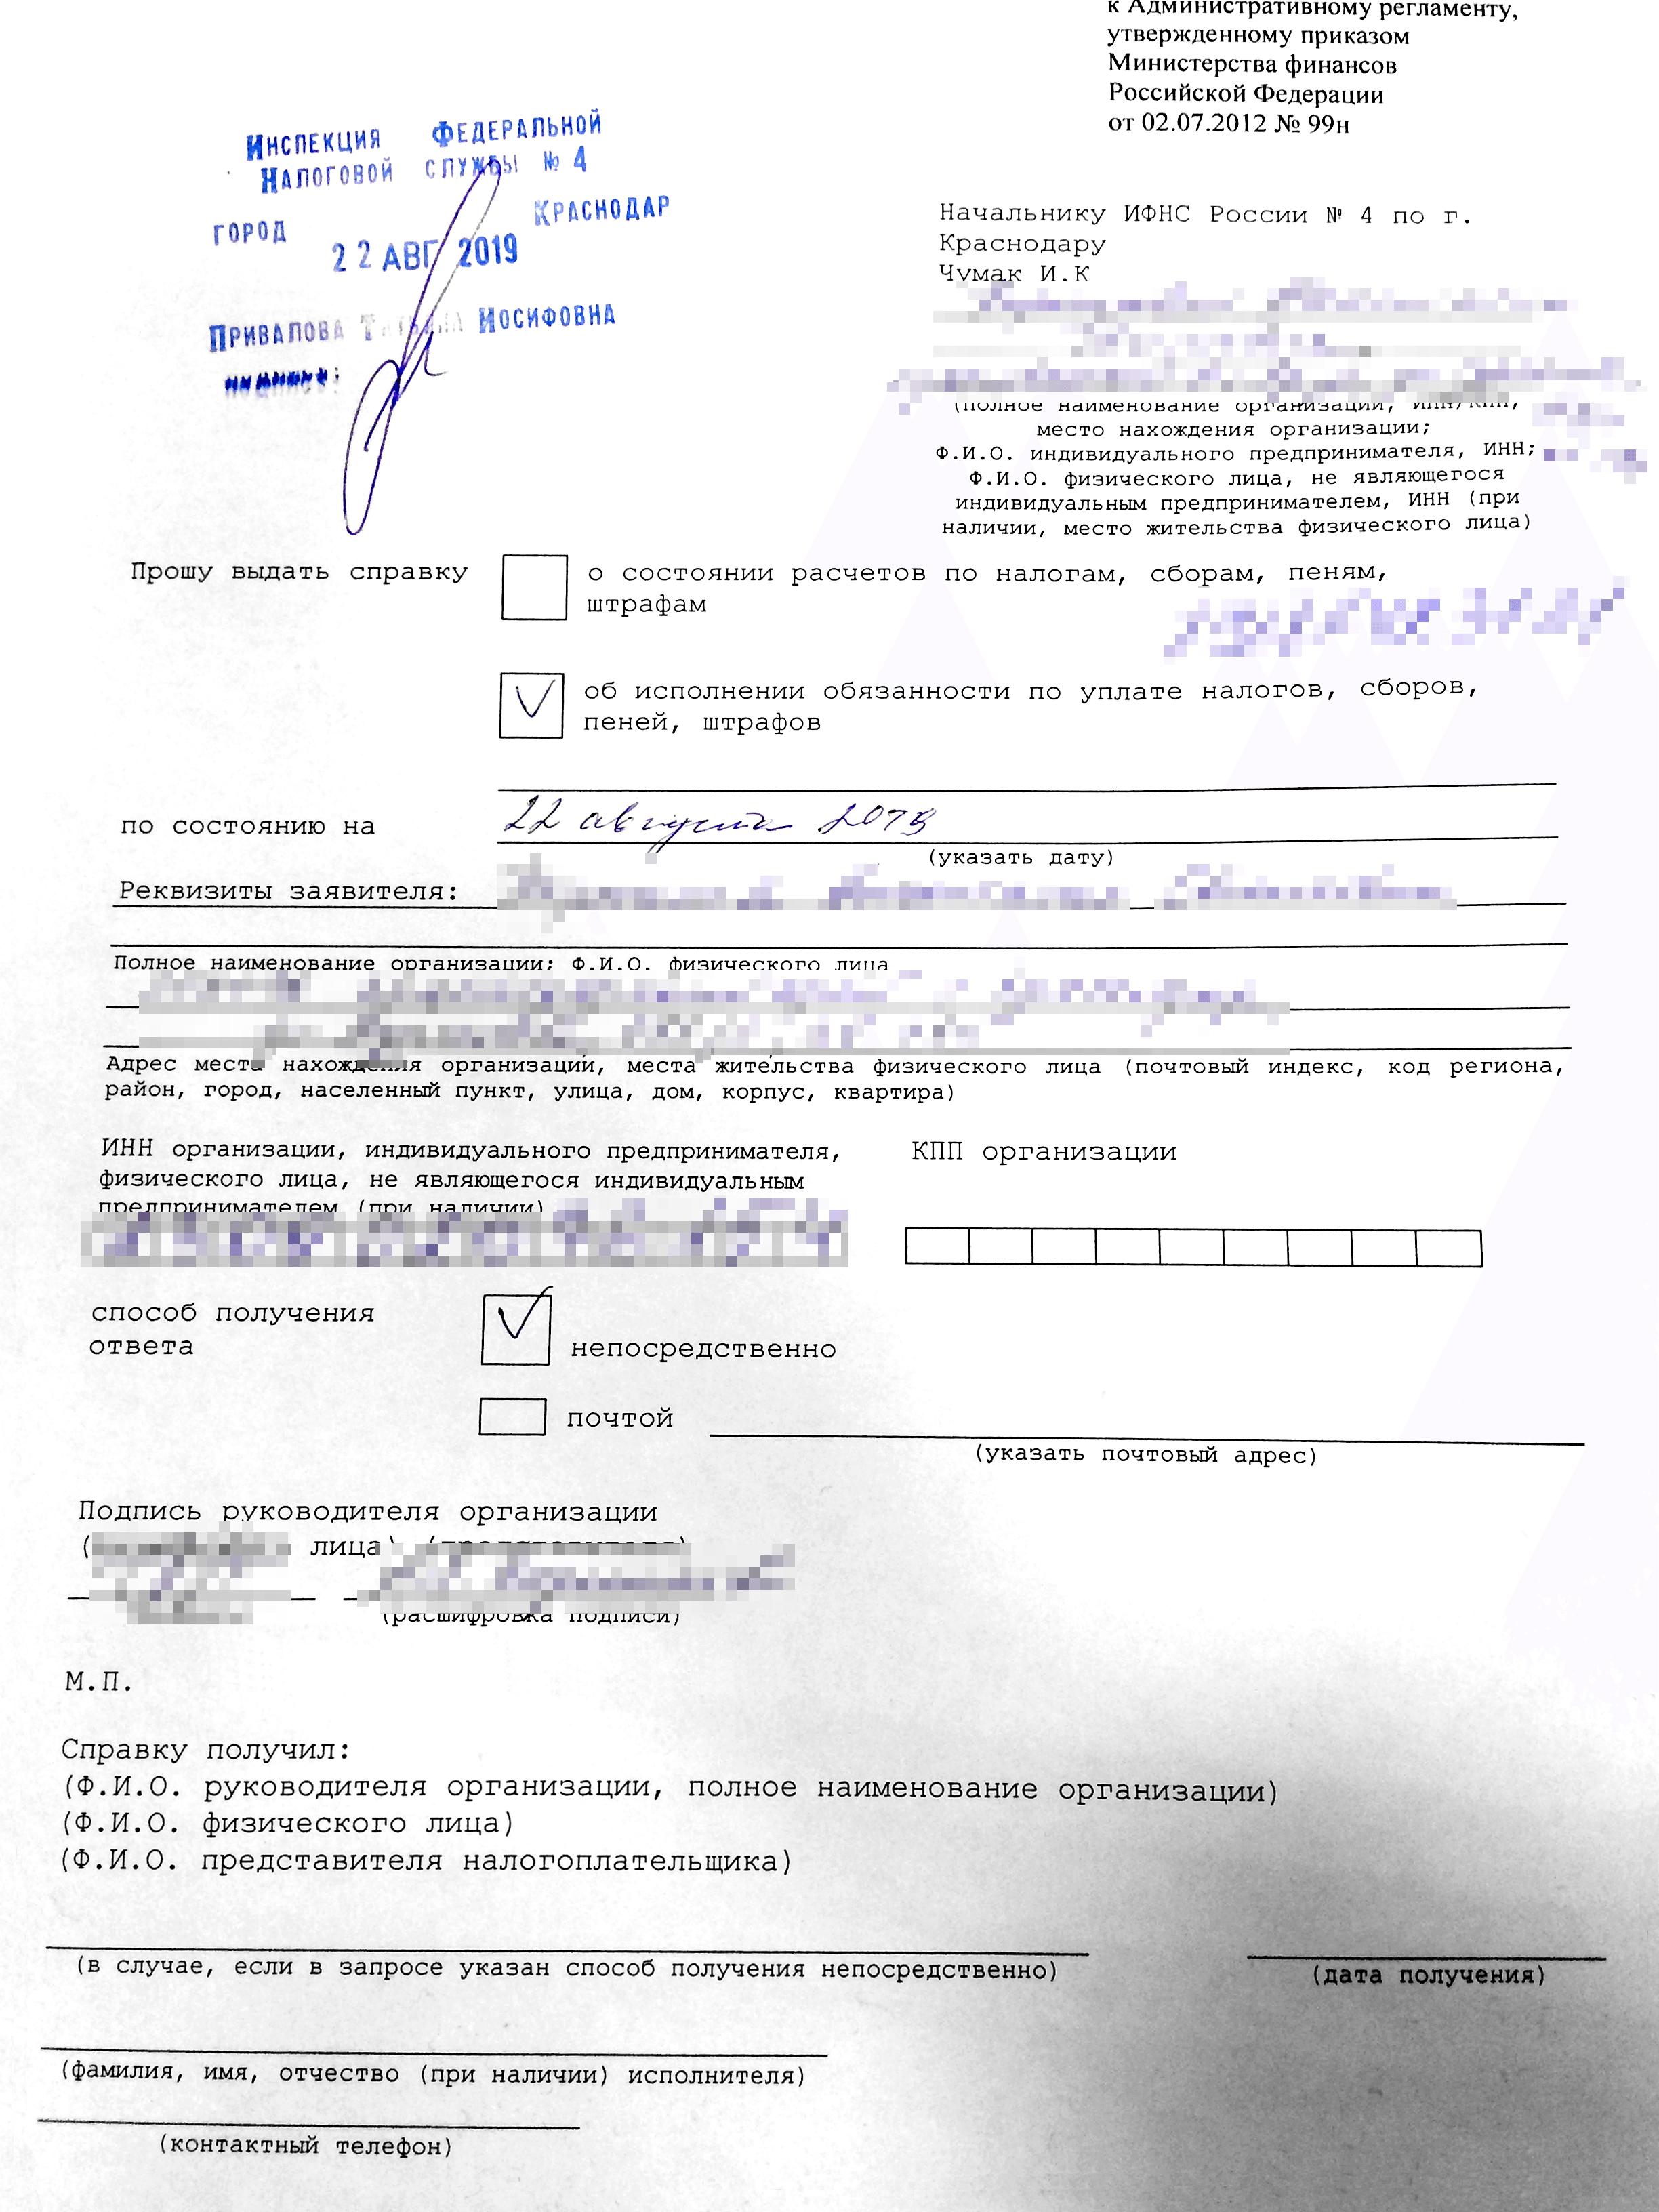 Штамп о том, что заявление приняли, ставят в левый верхний угол